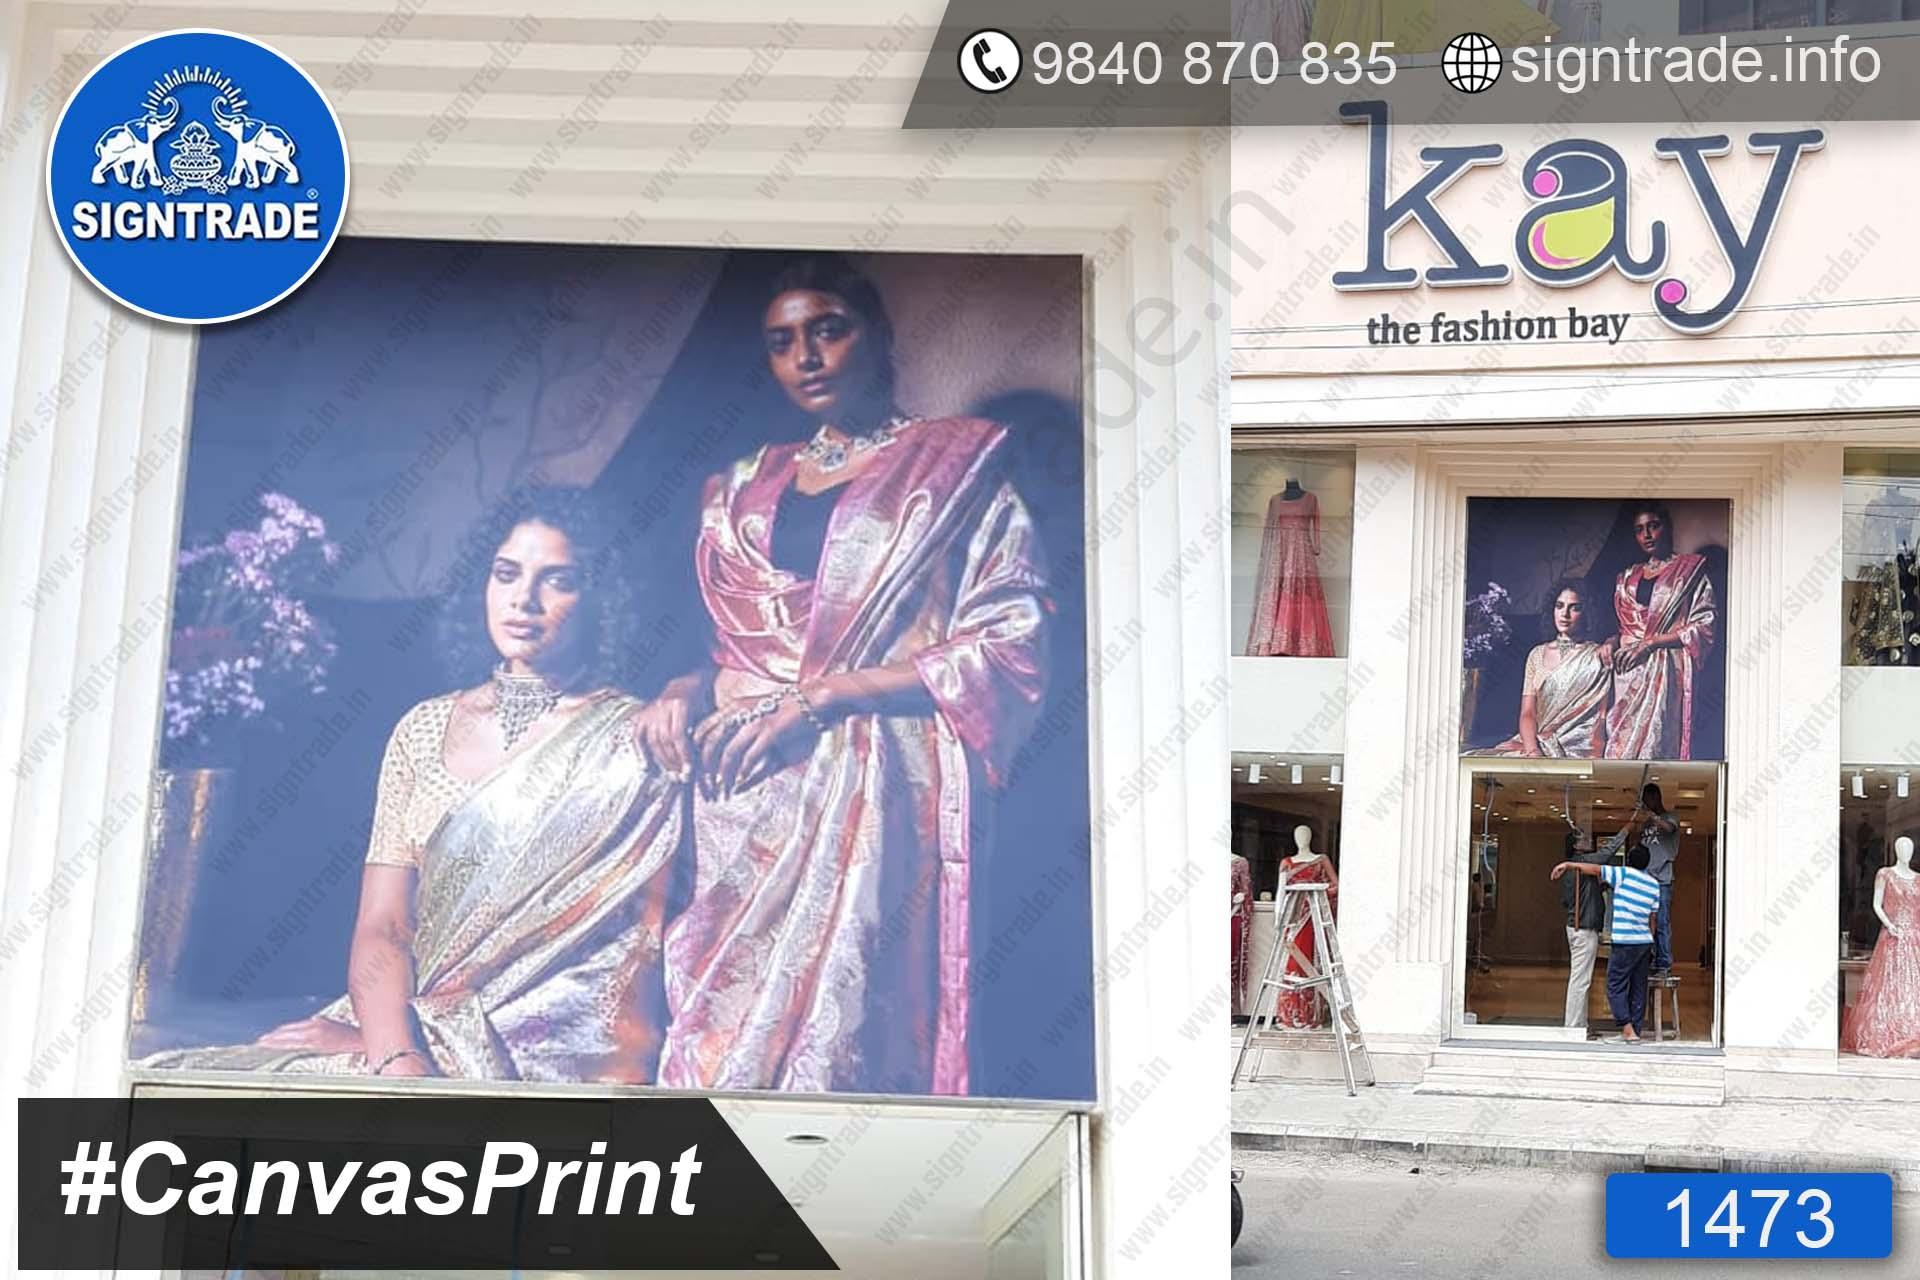 Kay The Fashion Bay - Canvas Print, SIGNTRADE - Digital Printing Service in Chennai